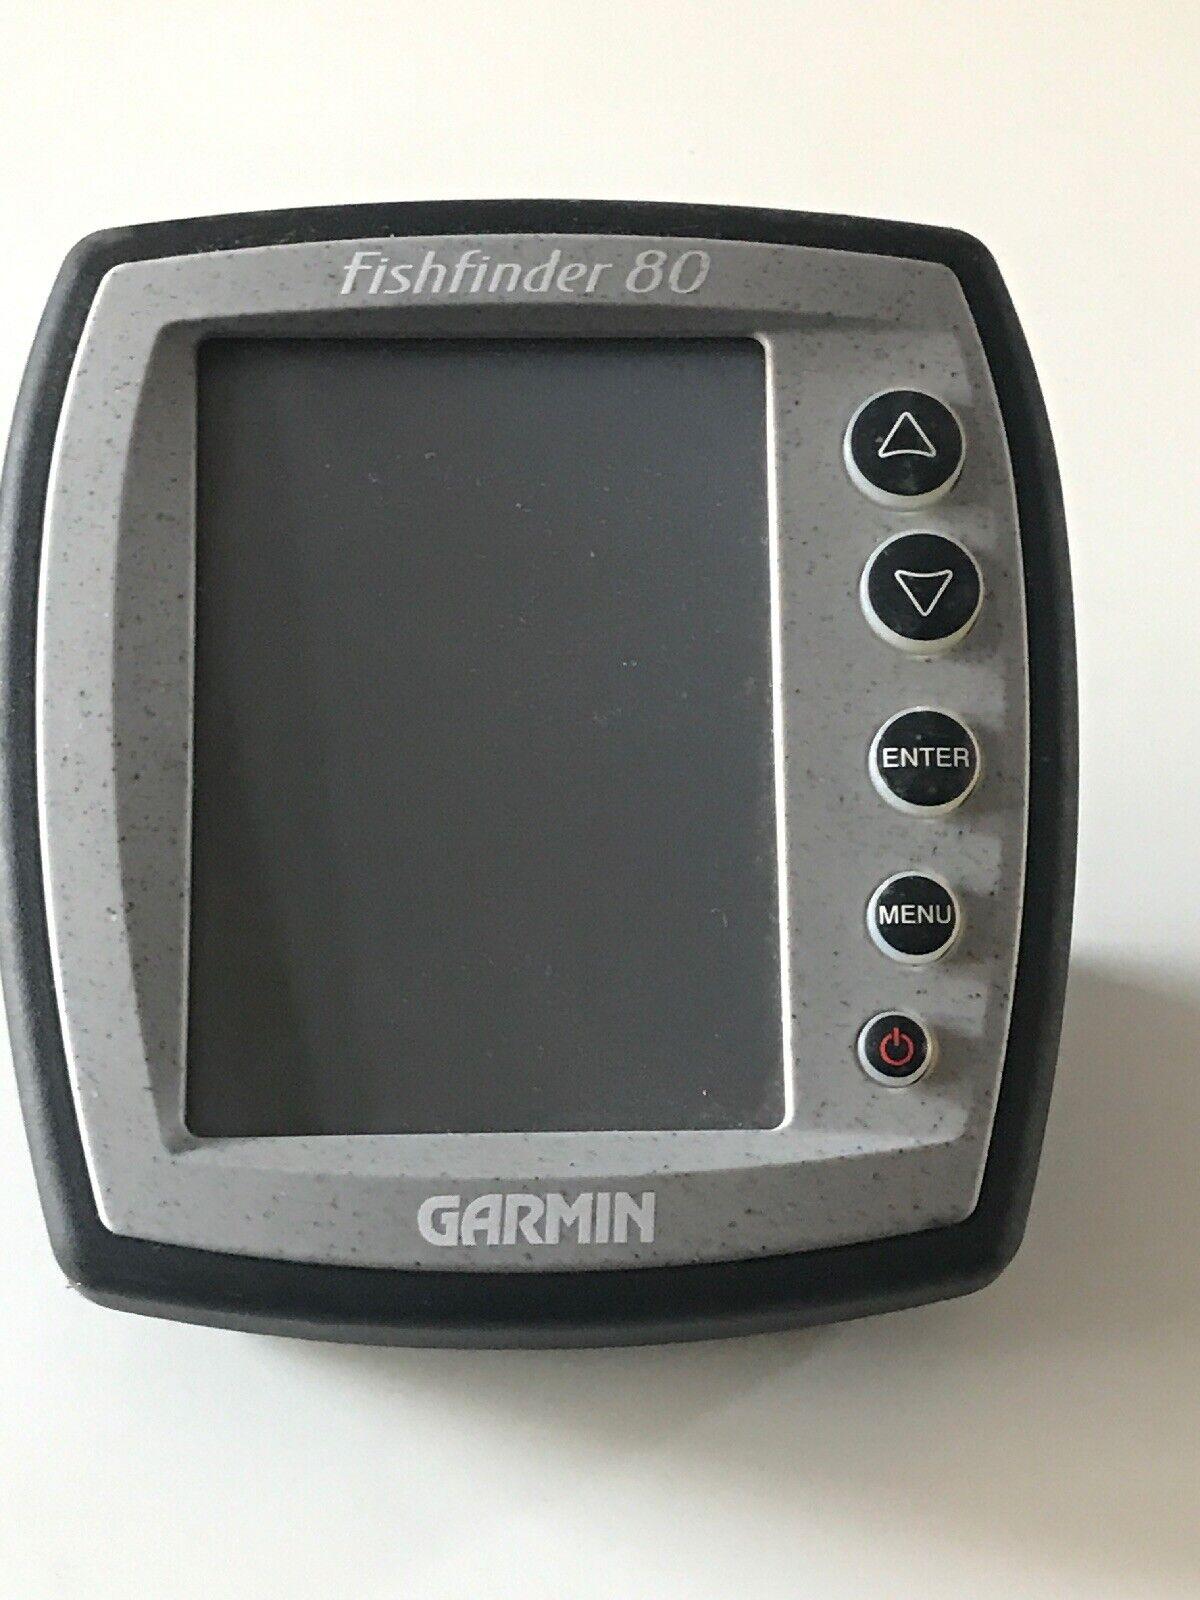 Sondeur portable garmin fishfinder 80